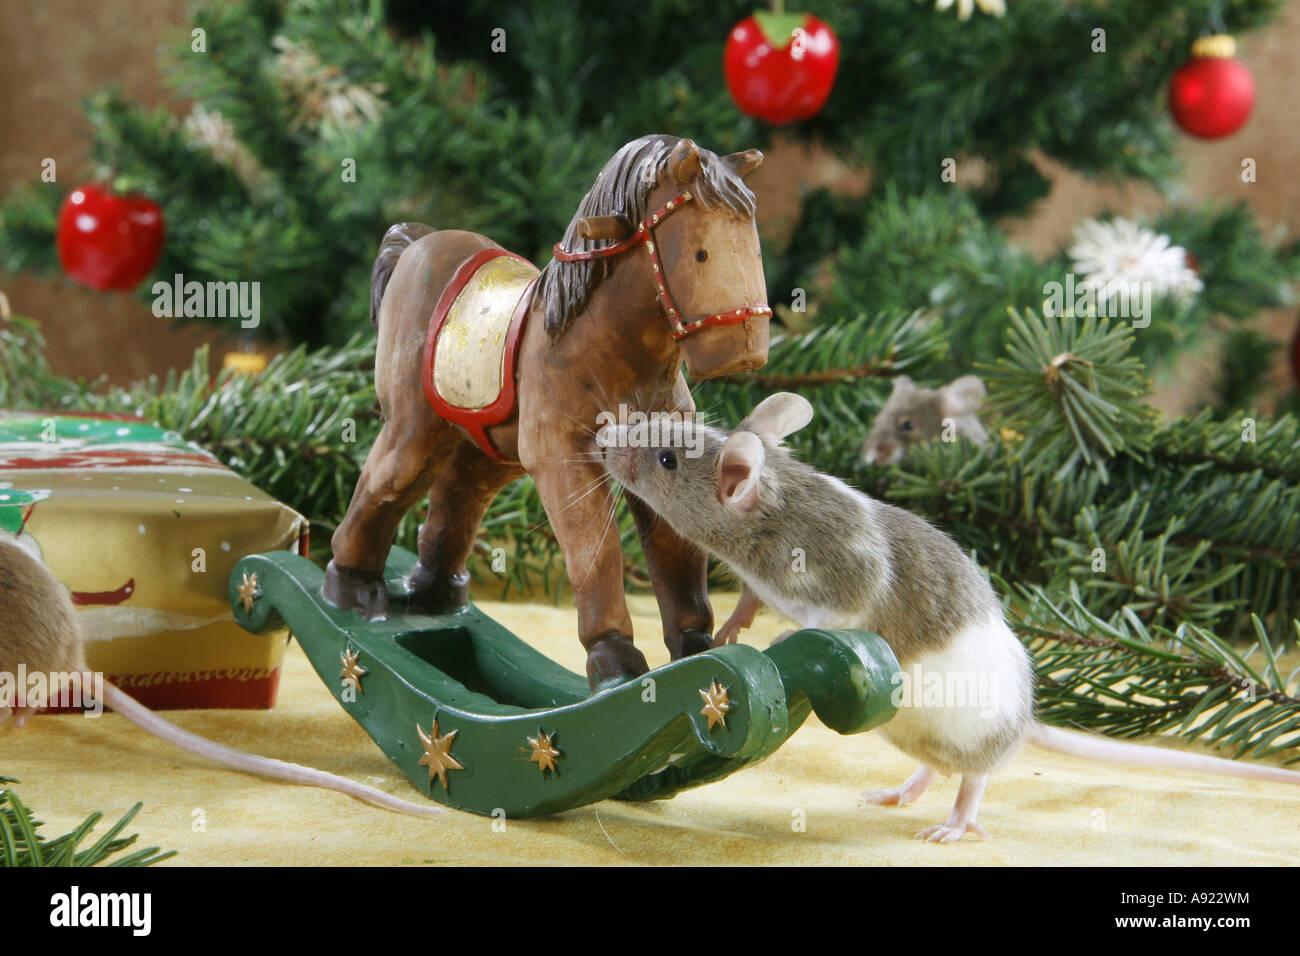 Weihnachten: schicke Maus - Schaukelpferd Stockfoto, Bild: 12225103 ...